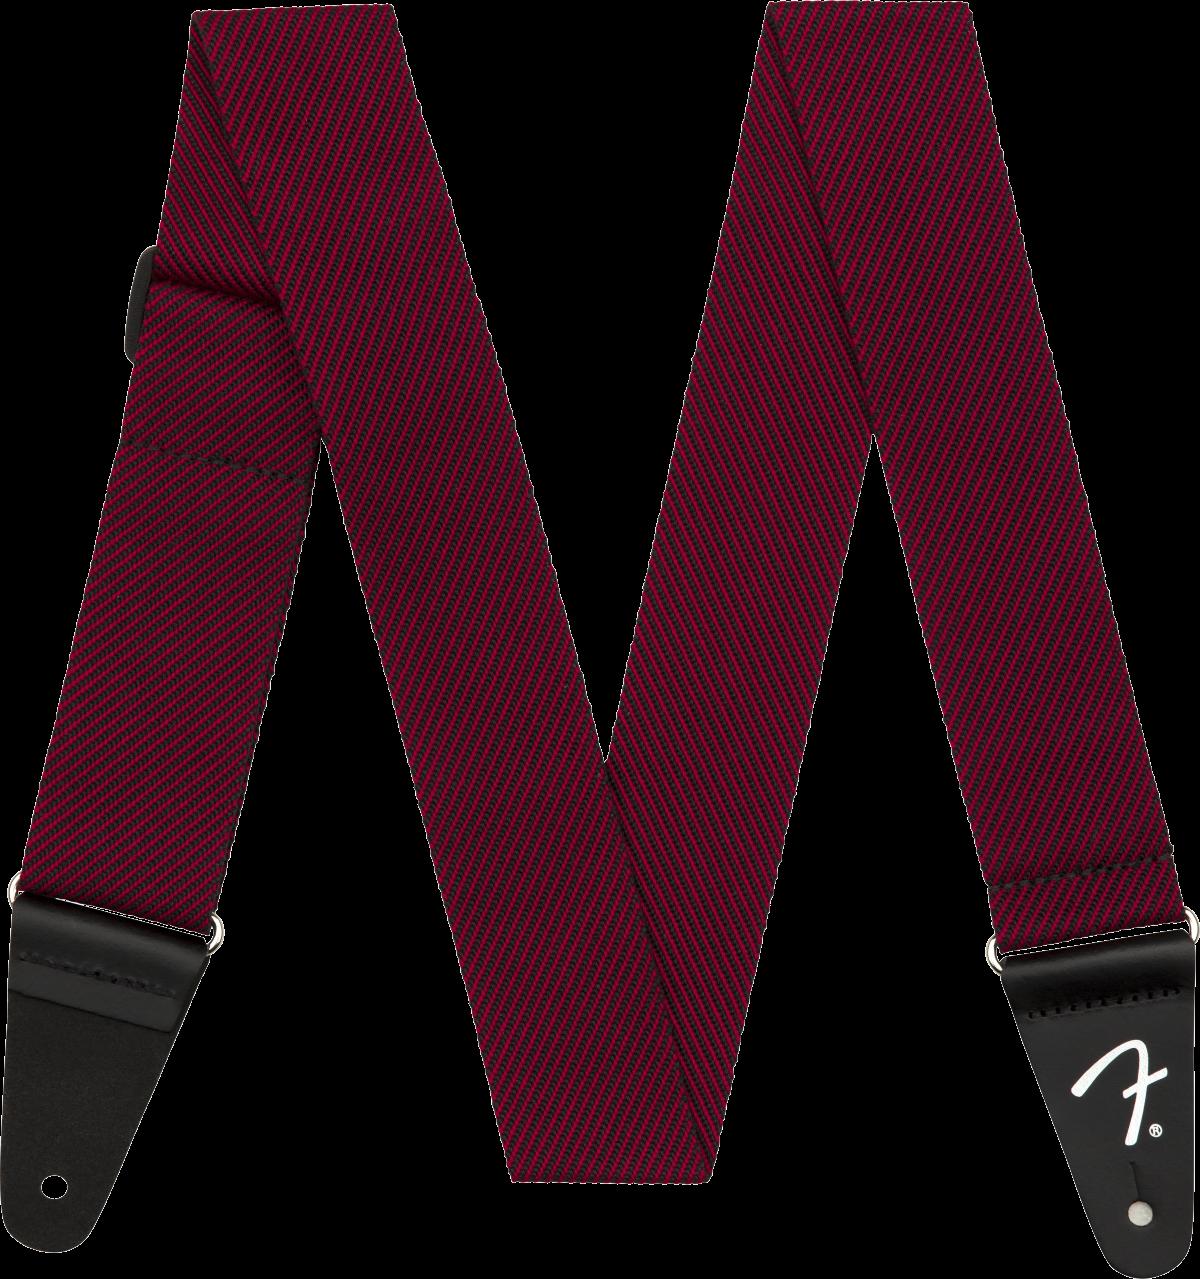 Fender Modern Tweed Strap, Black/Red 2